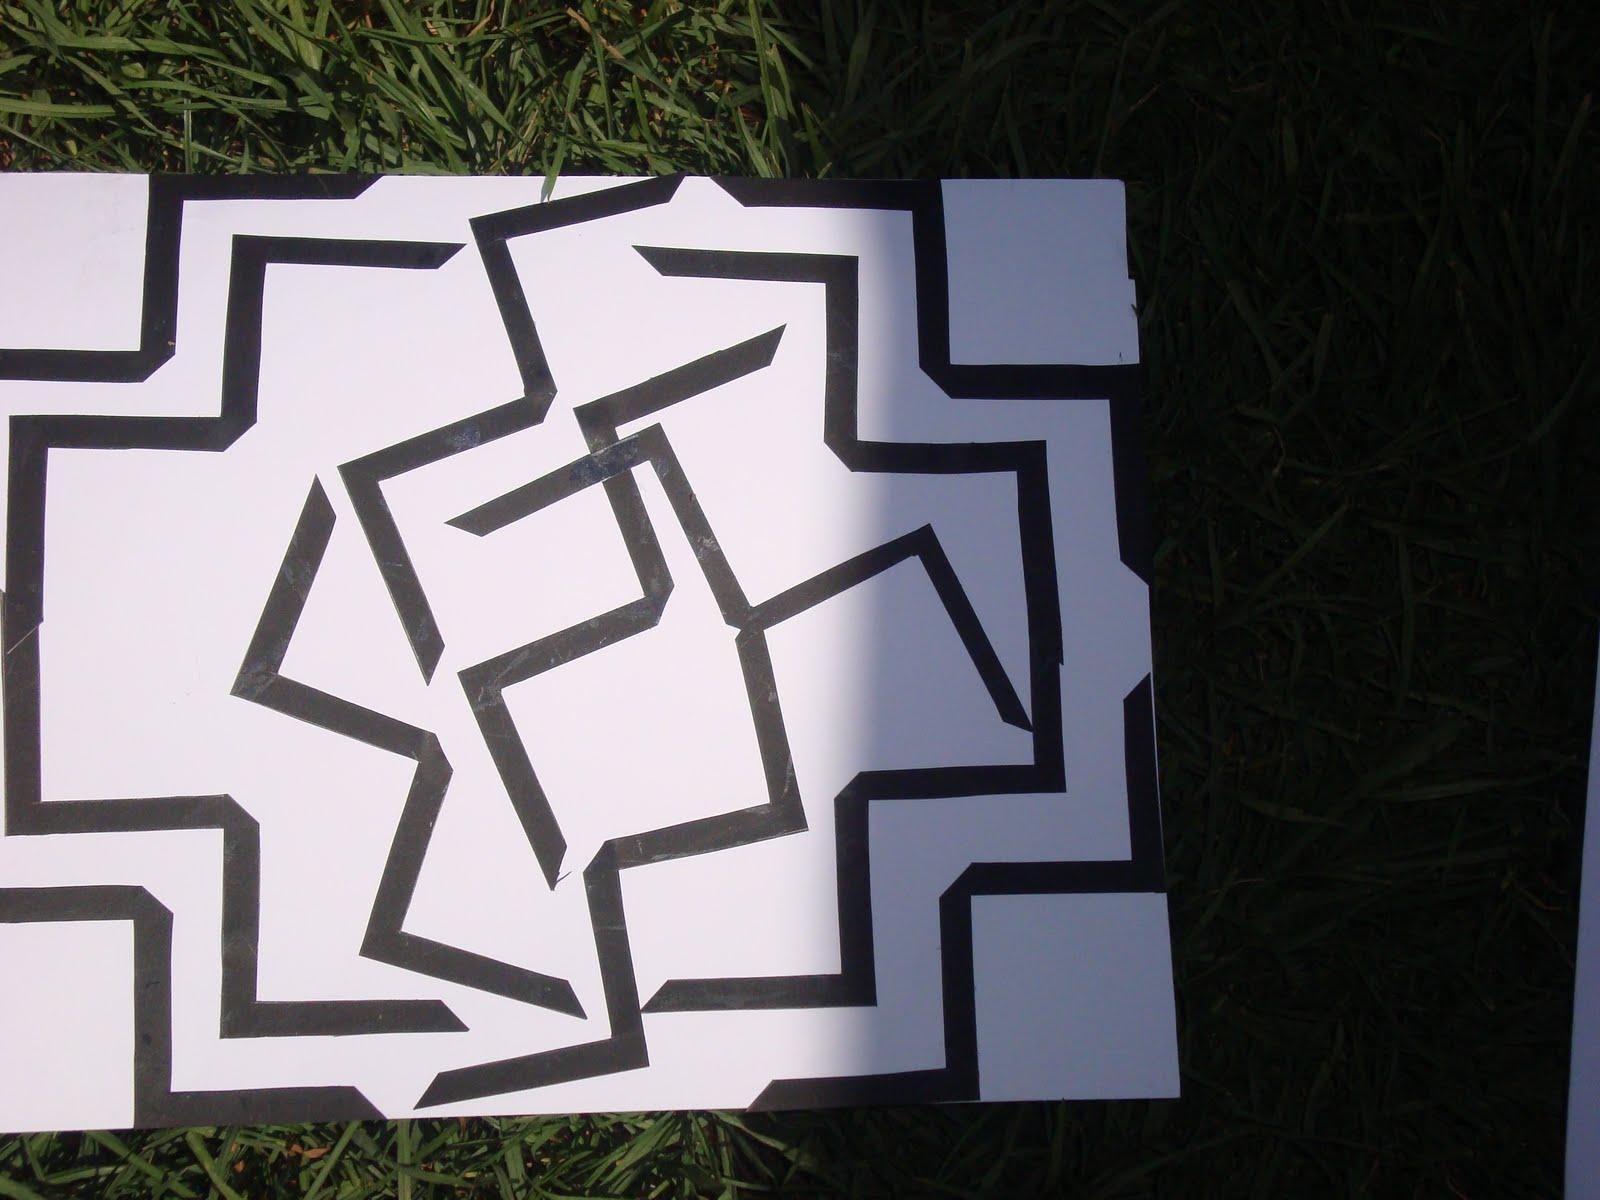 Liz tena composicion de 20 lineas quebradas y 20 lineas - Composiciones de fotos ...